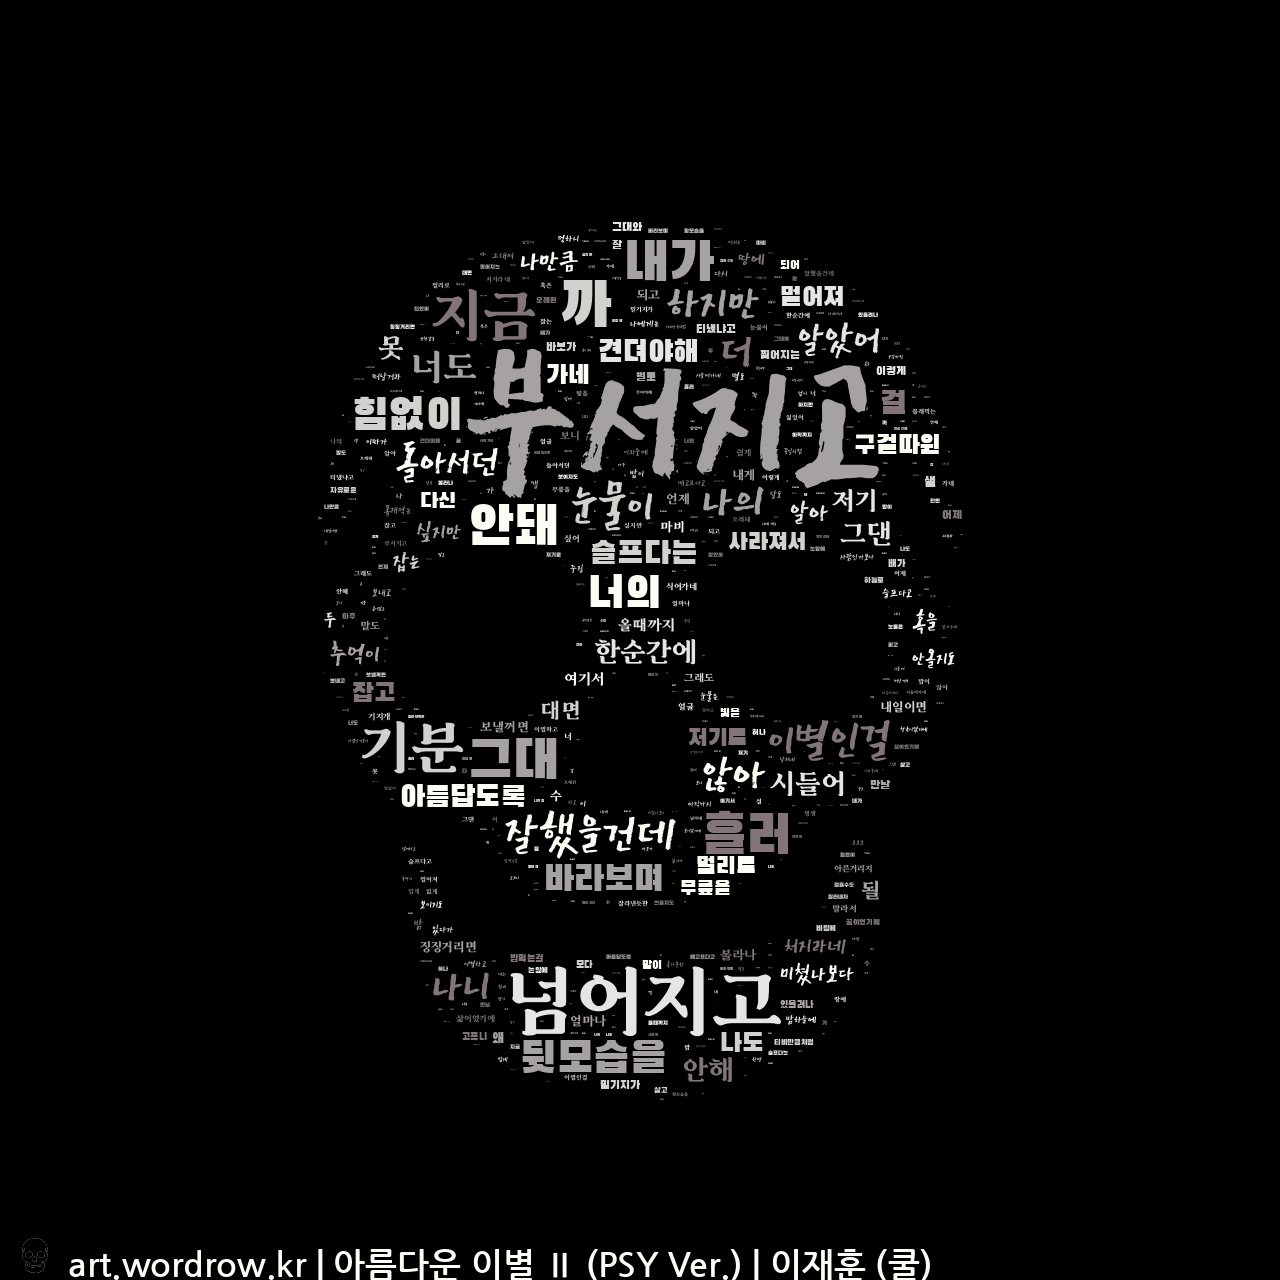 워드 클라우드: 아름다운 이별 Ⅱ (PSY Ver.) [이재훈 (쿨)]-17